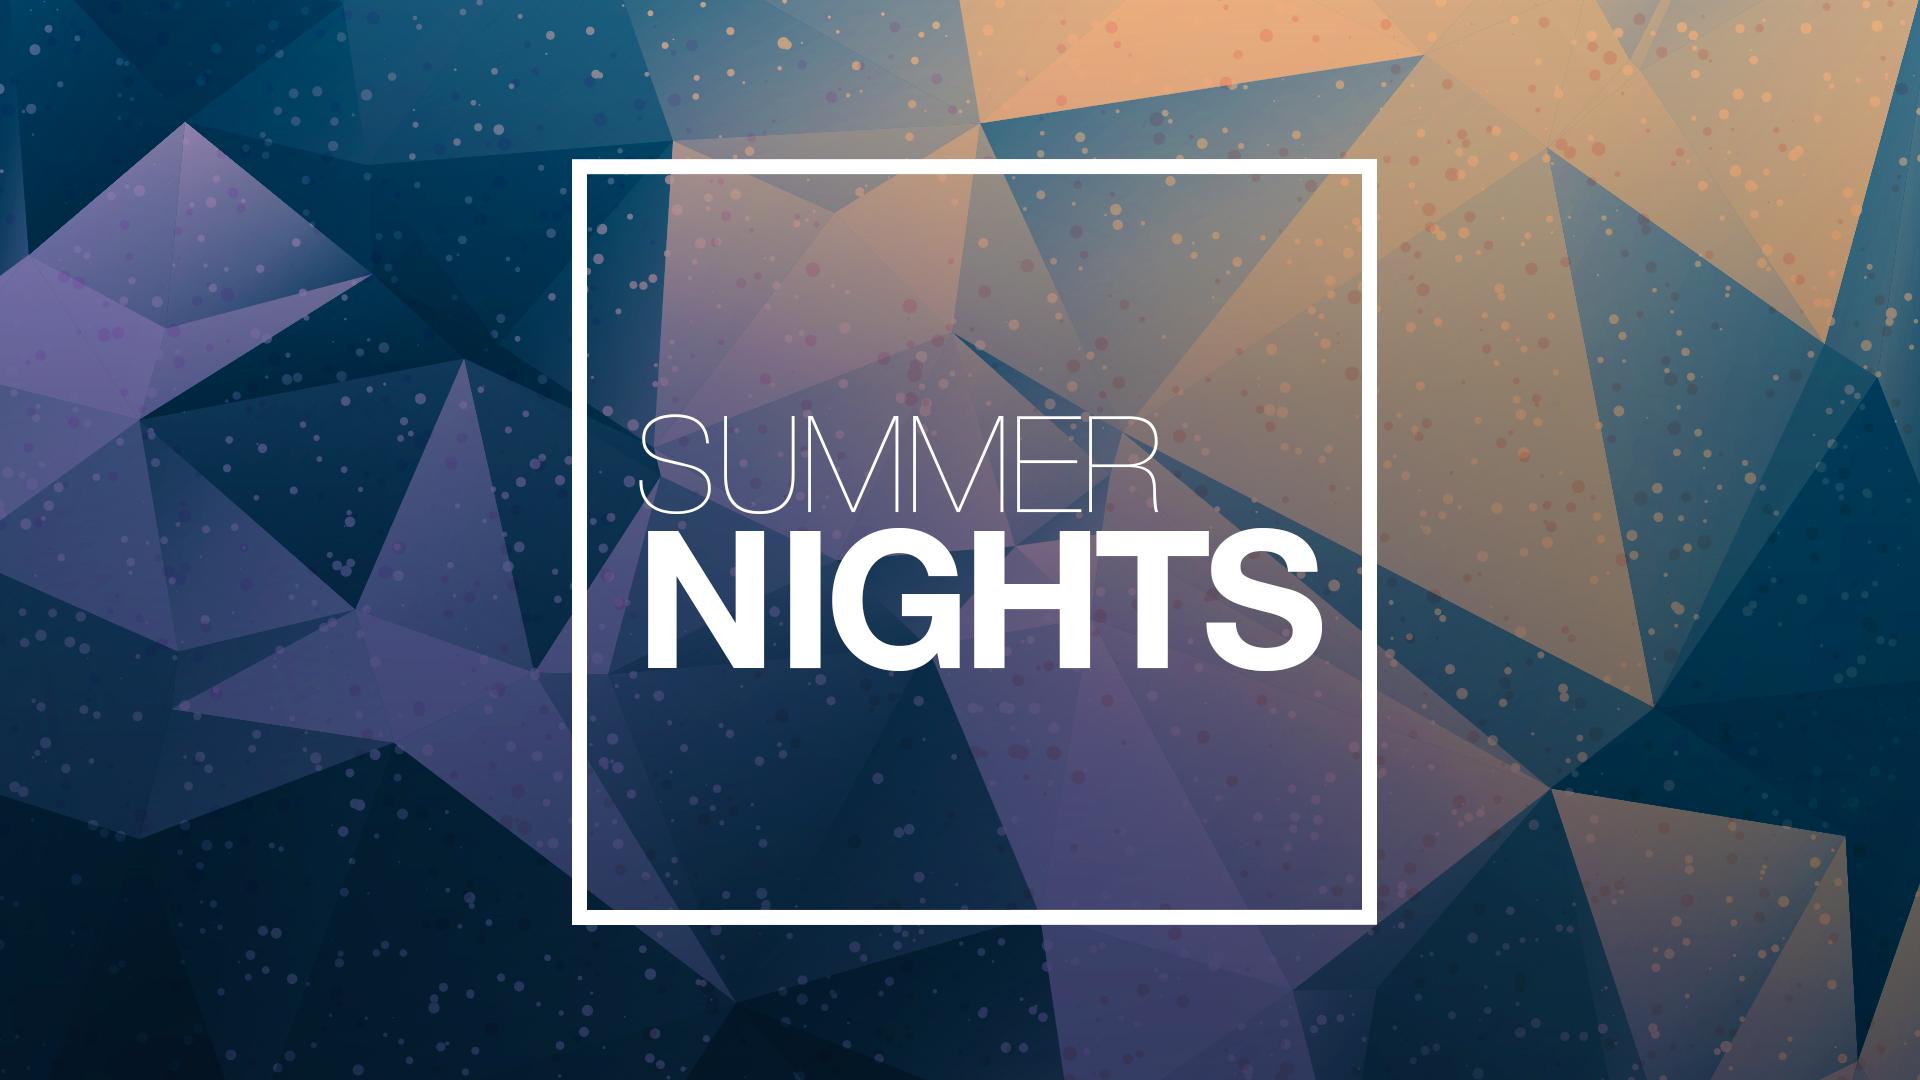 Summer Nights - Graphics